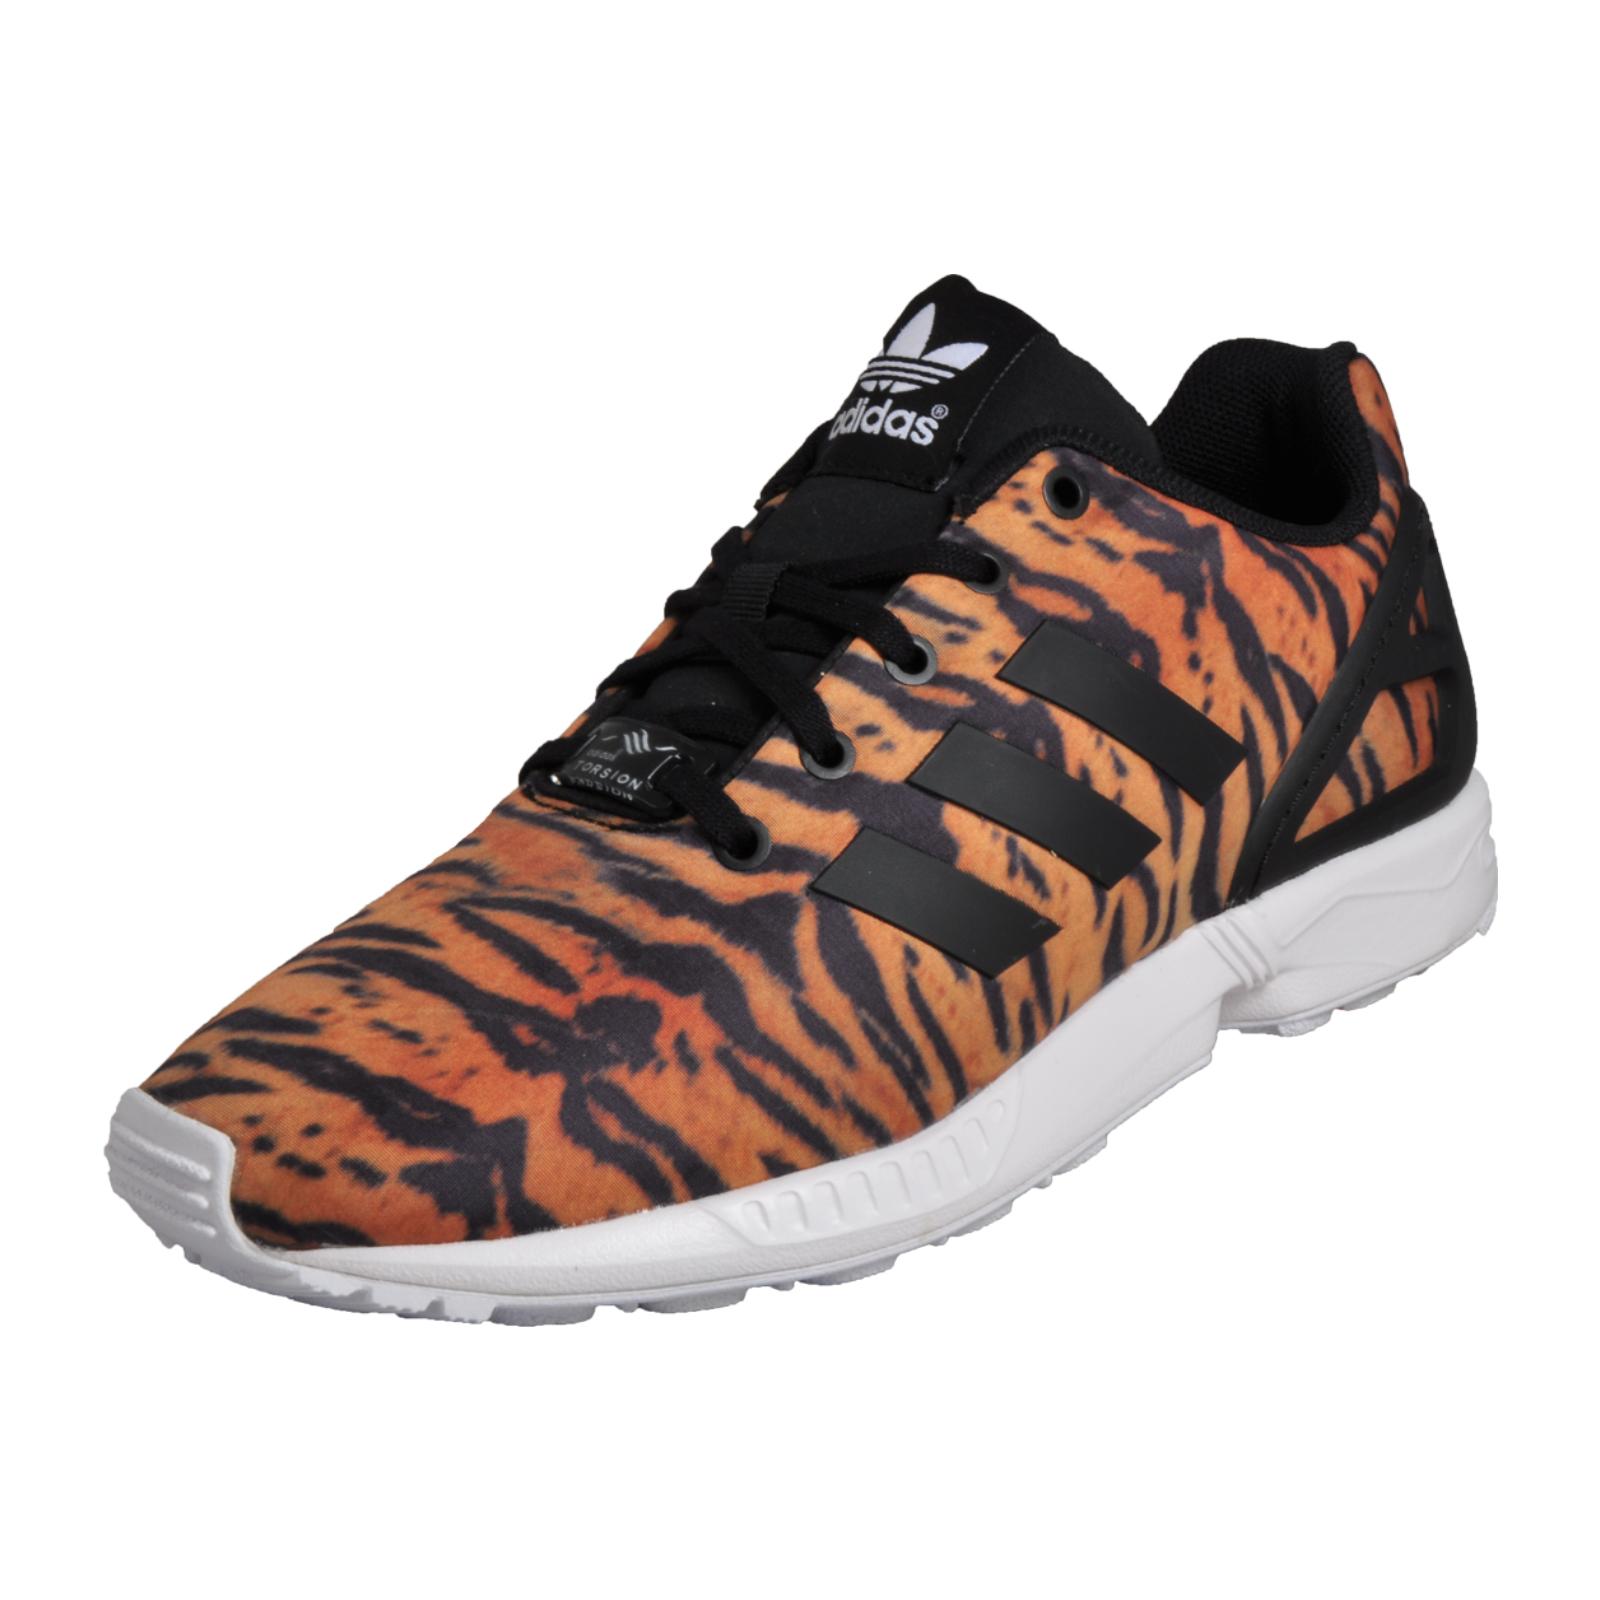 hot sale online c4cbd 2e0e0 Details about Adidas Originals ZX Flux Kids Uni Classic Casual Animal Print  Trainers